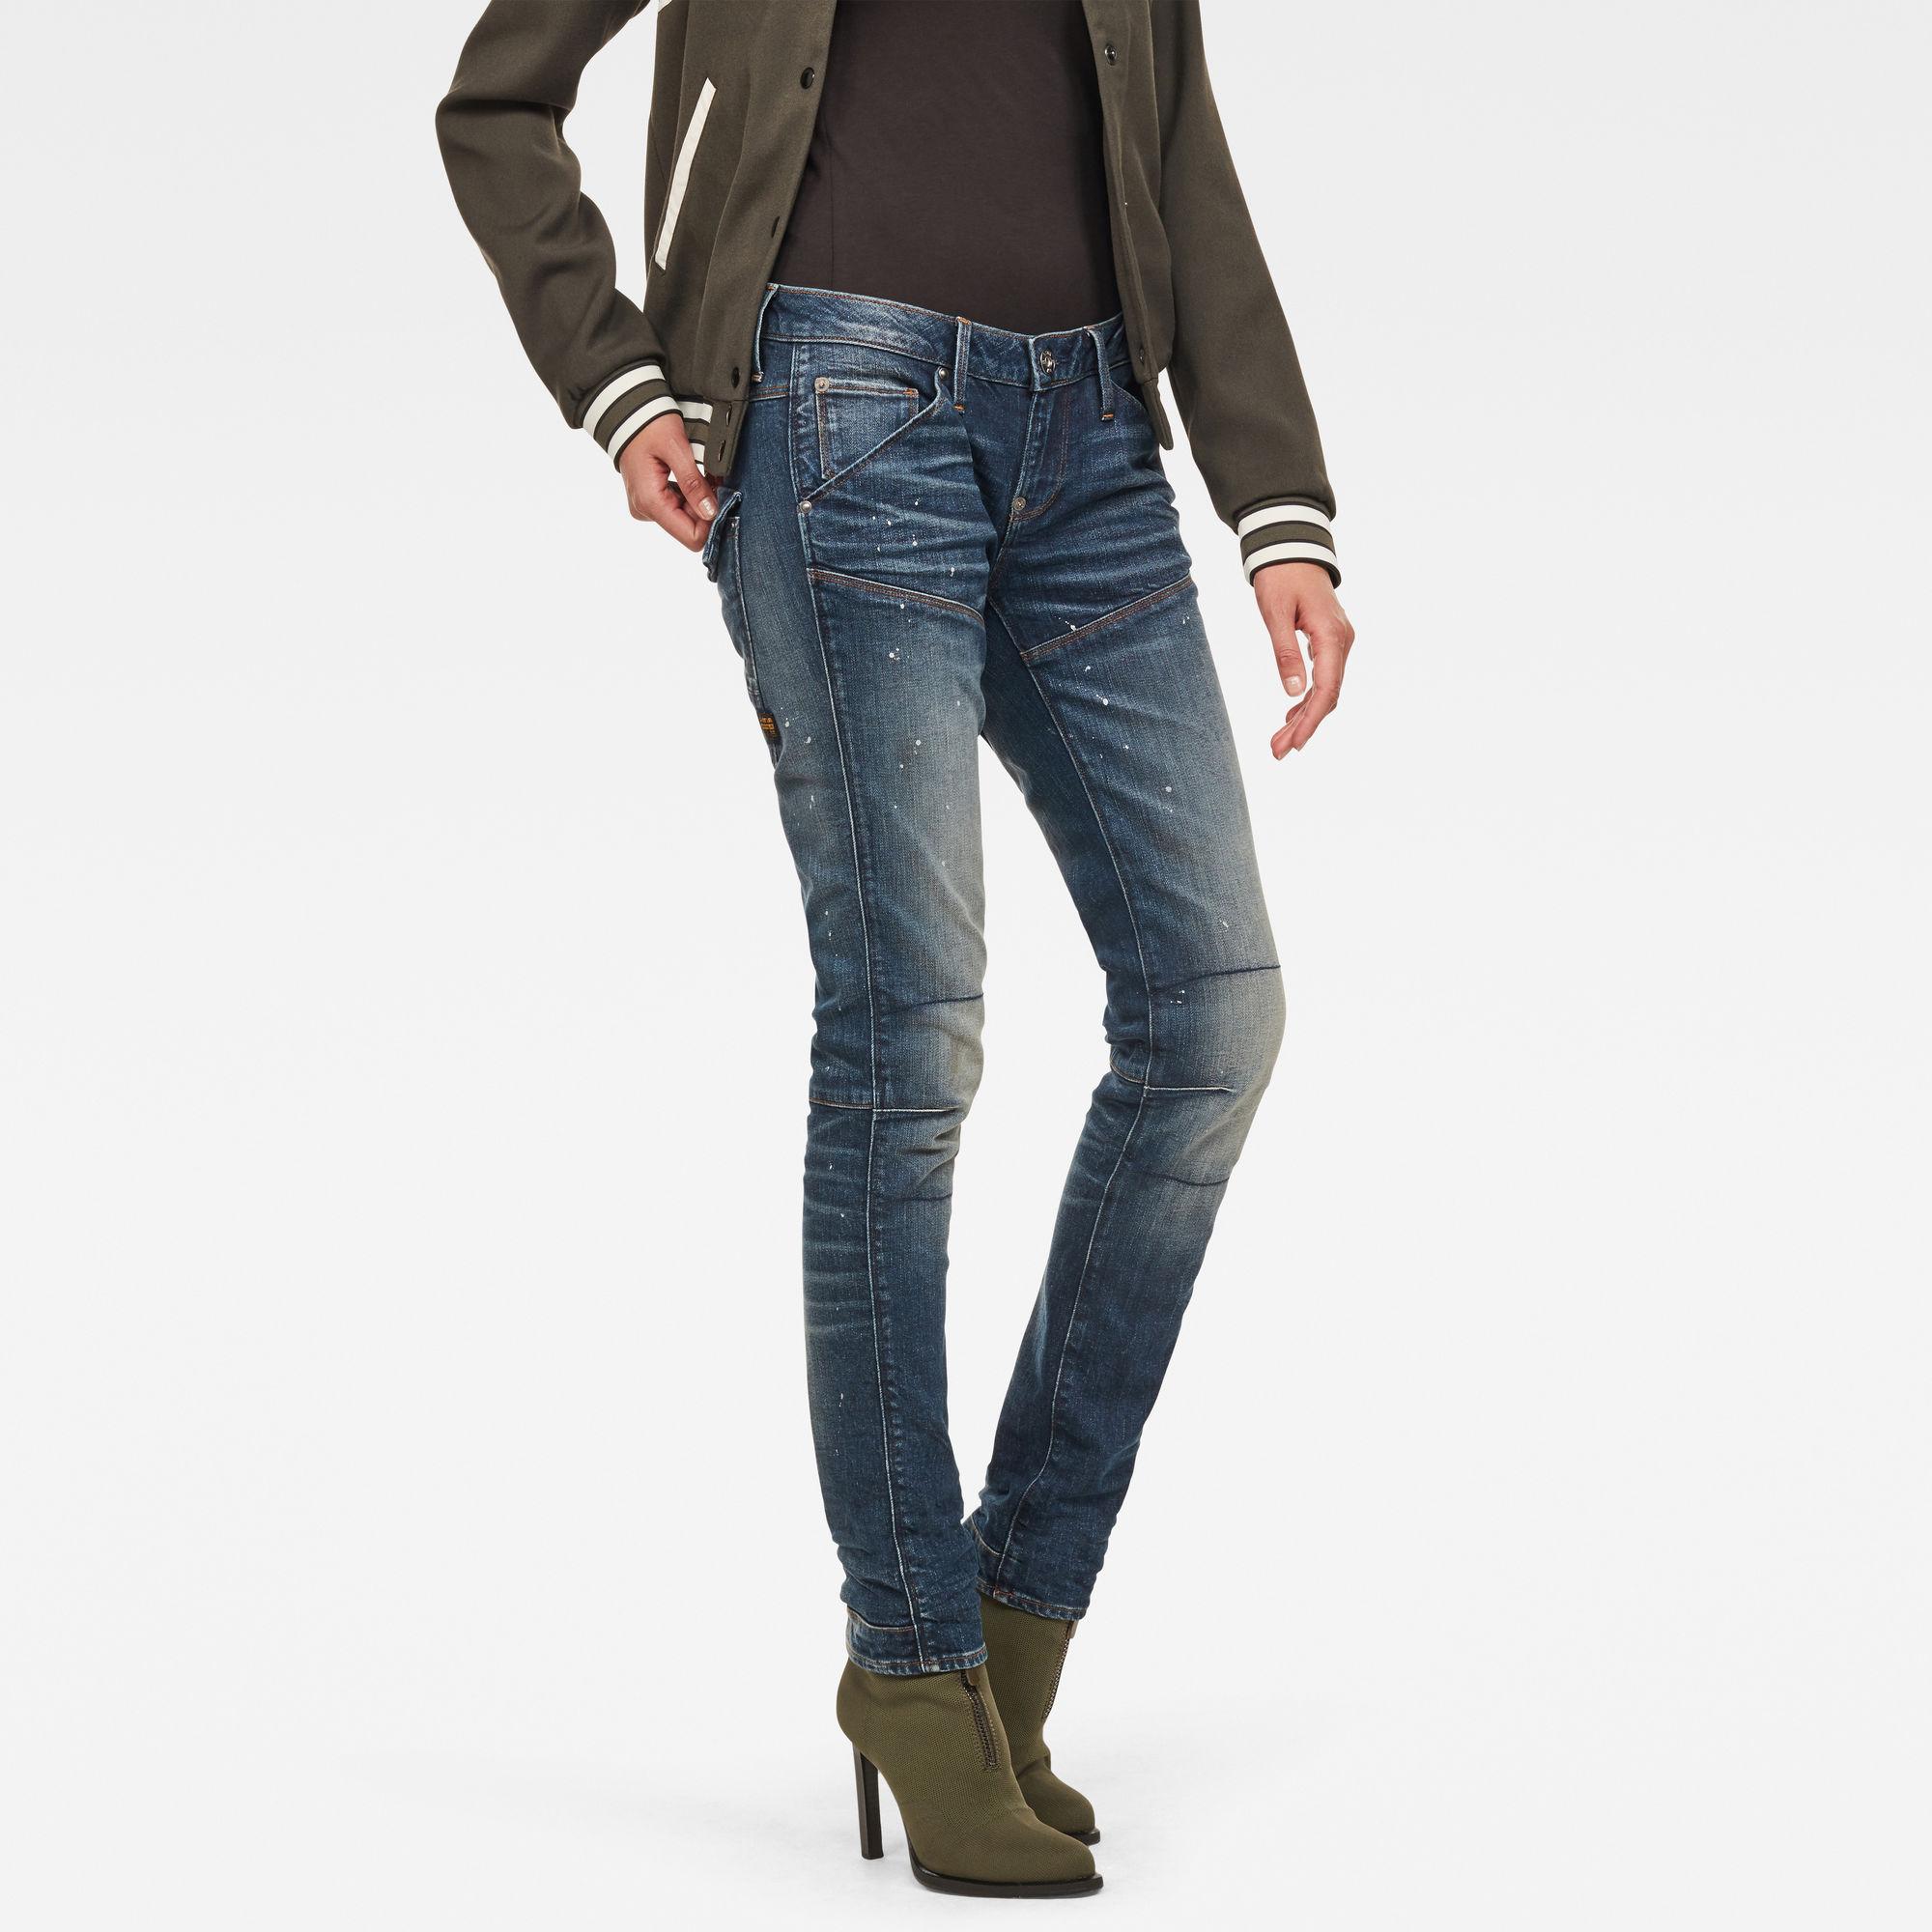 Van G Star Raw 5620 G-Star Elwood Heritage Embro Tapered Jeans Prijsvergelijk nu!